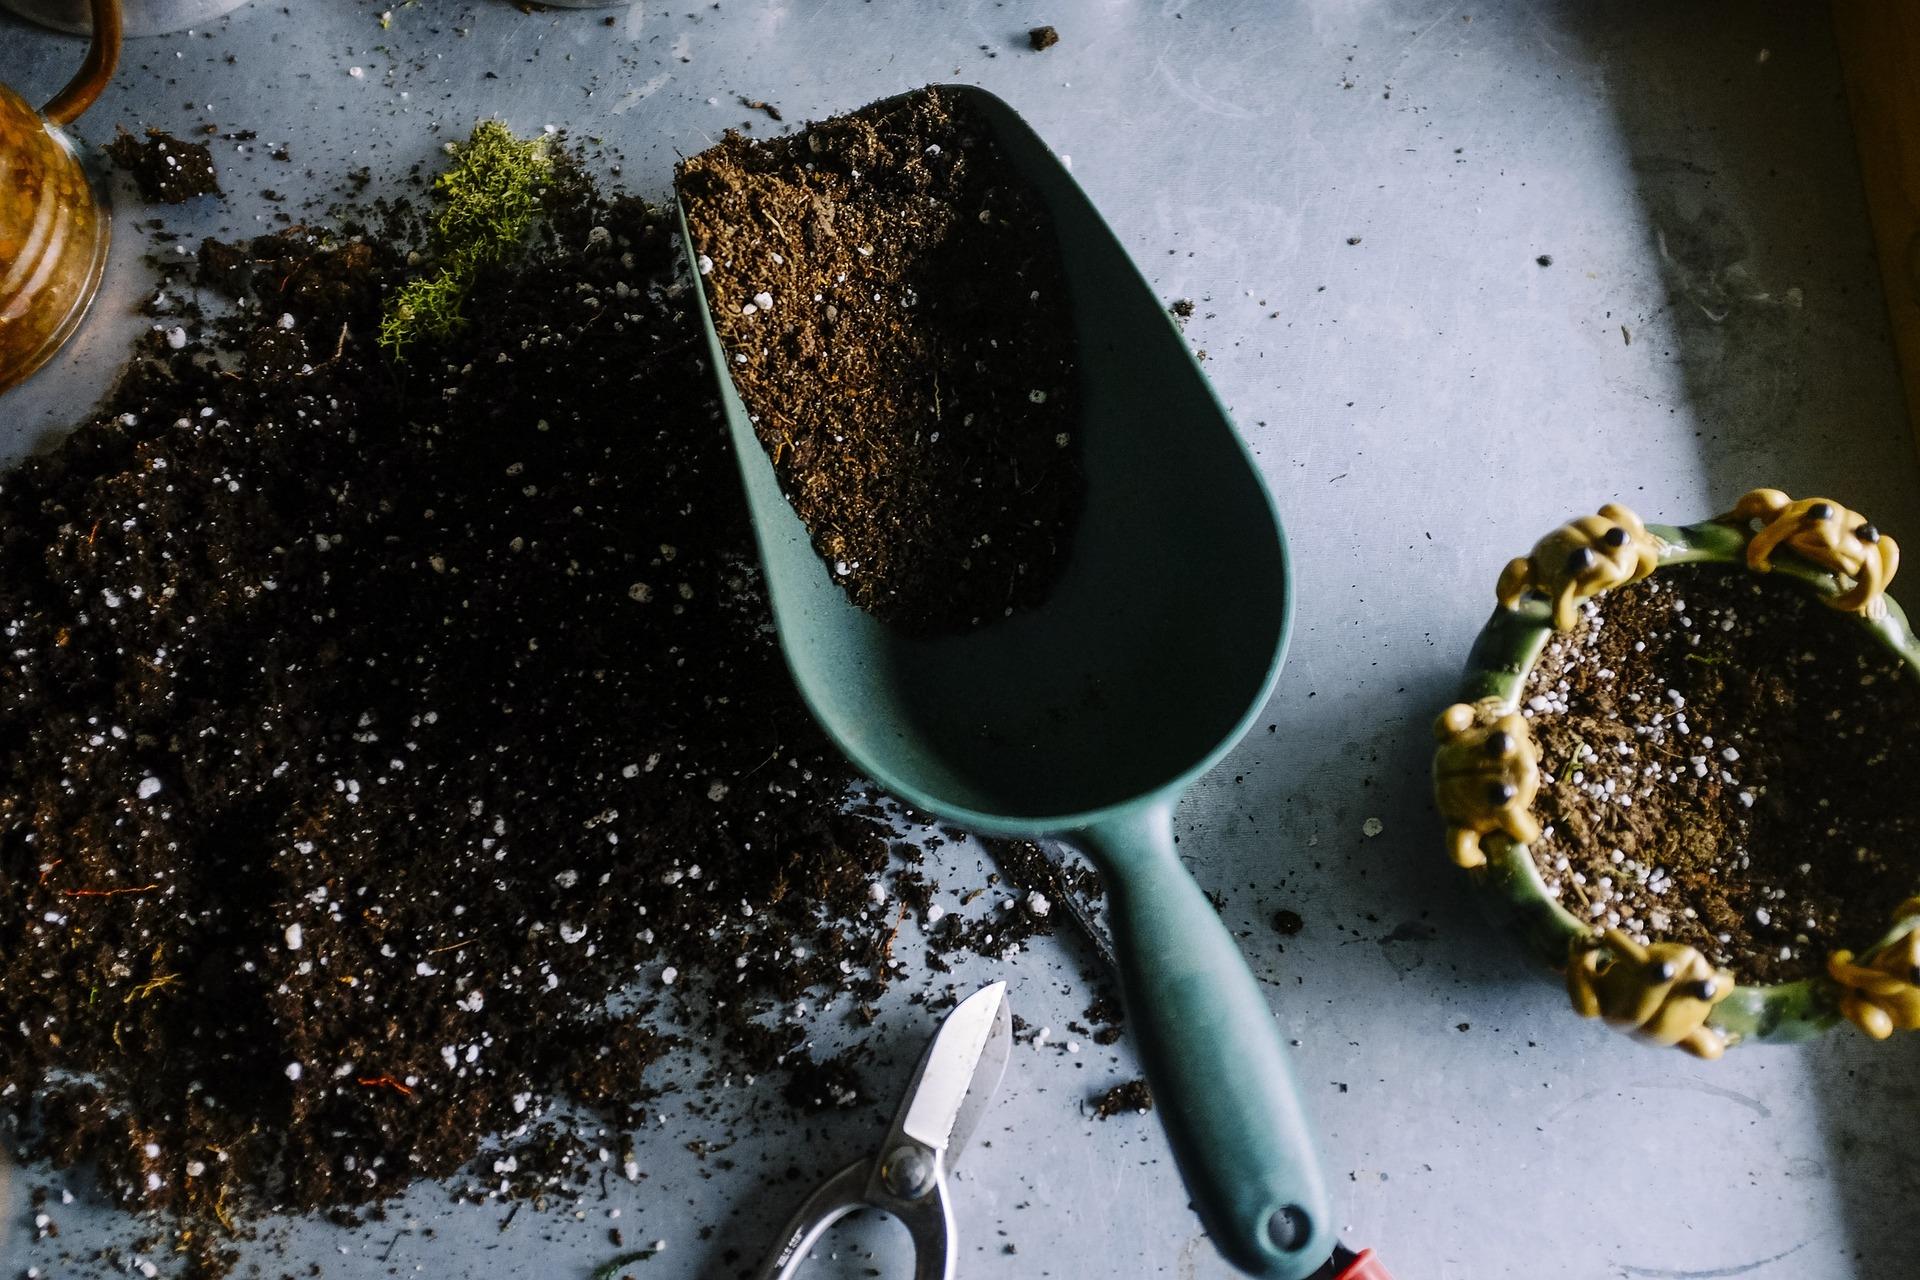 Cheap Potting Soil